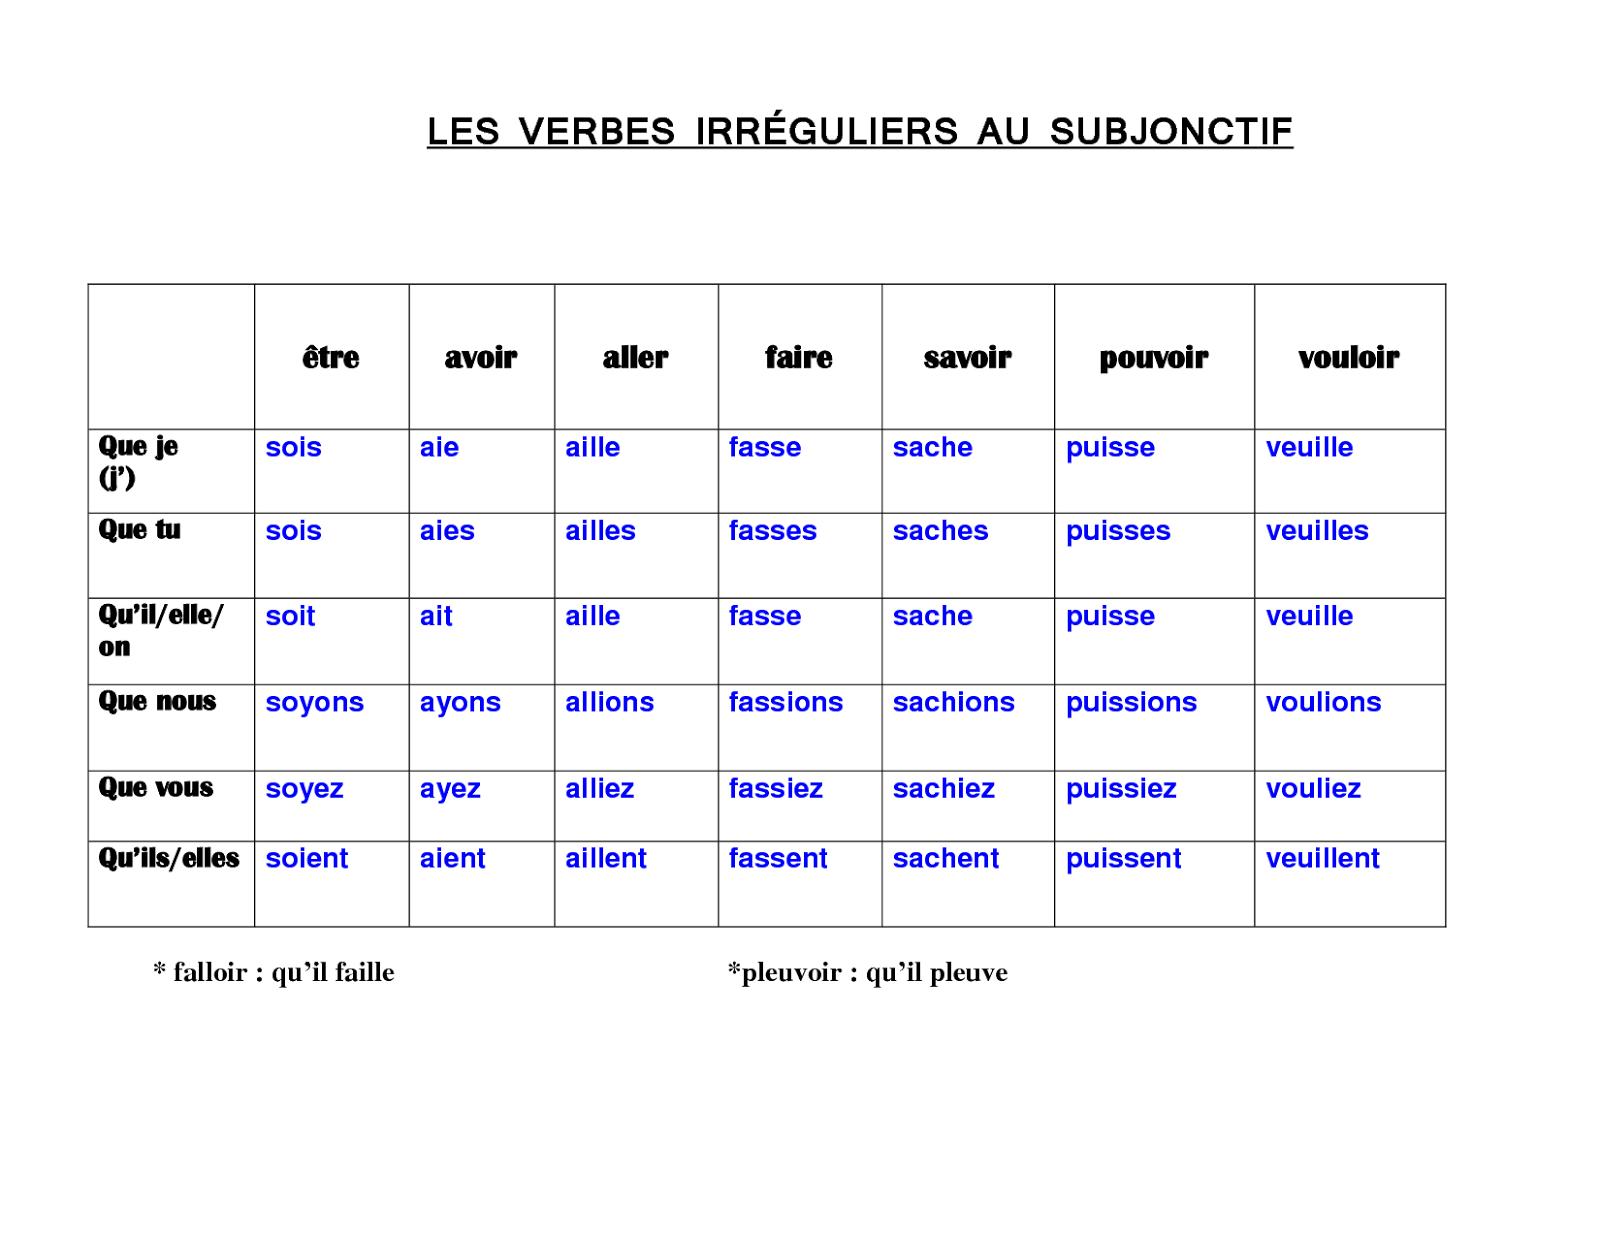 El Conde Fr Verbes Irreguliers Au Subjonctif Present Subjonctif Present Verbes Irreguliers Verbe